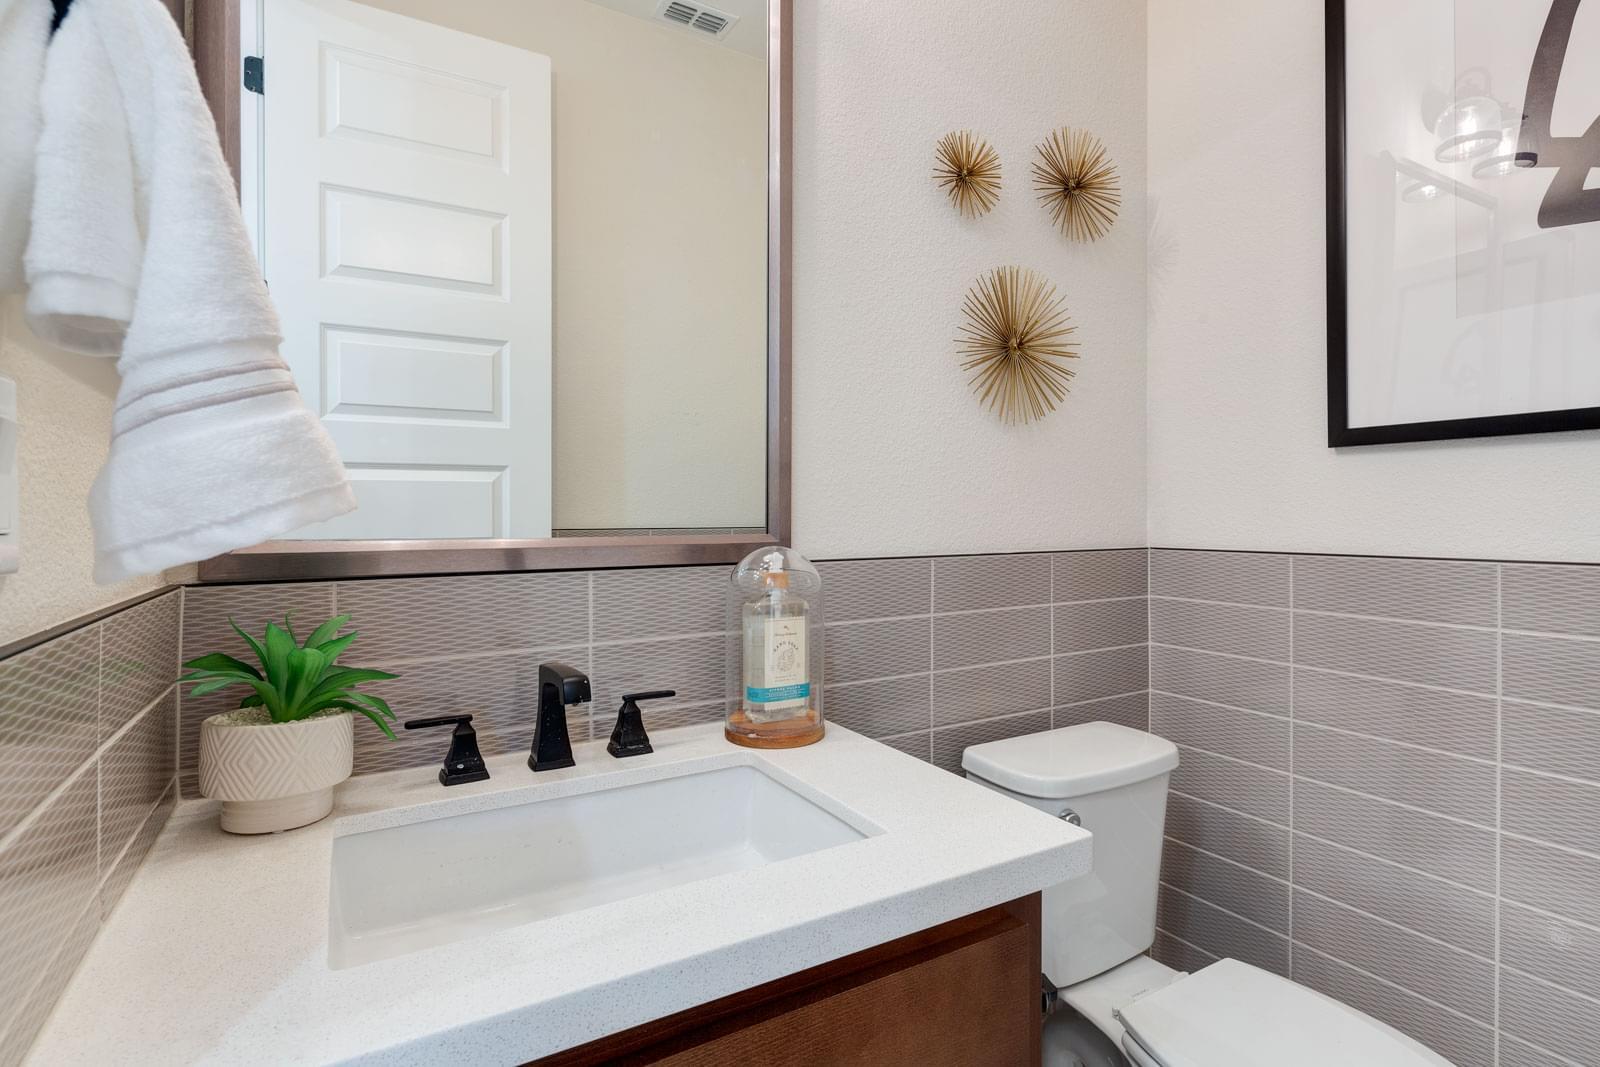 Residence 3 Powder Bath